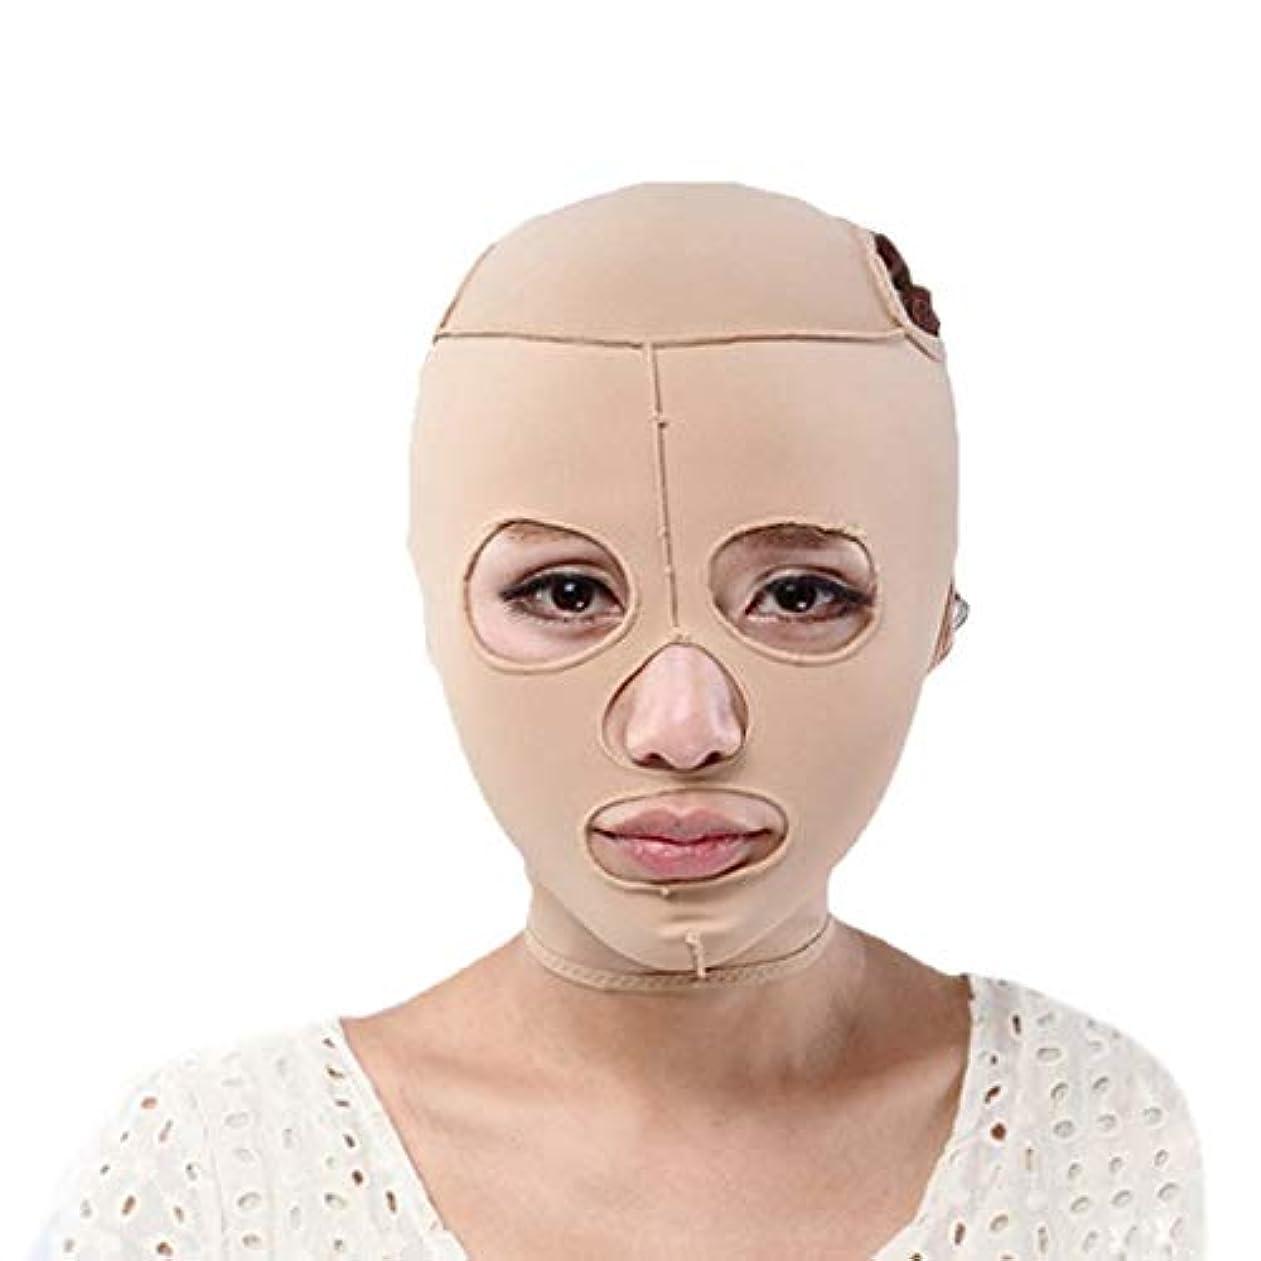 予備湾起こるチンストラップ、顔の減量アンチシワマスク、快適な通気性マスク付きオールインクルーシブフェイス、薄型フェイスマスクリフティング包帯引き締め(サイズ:S),L